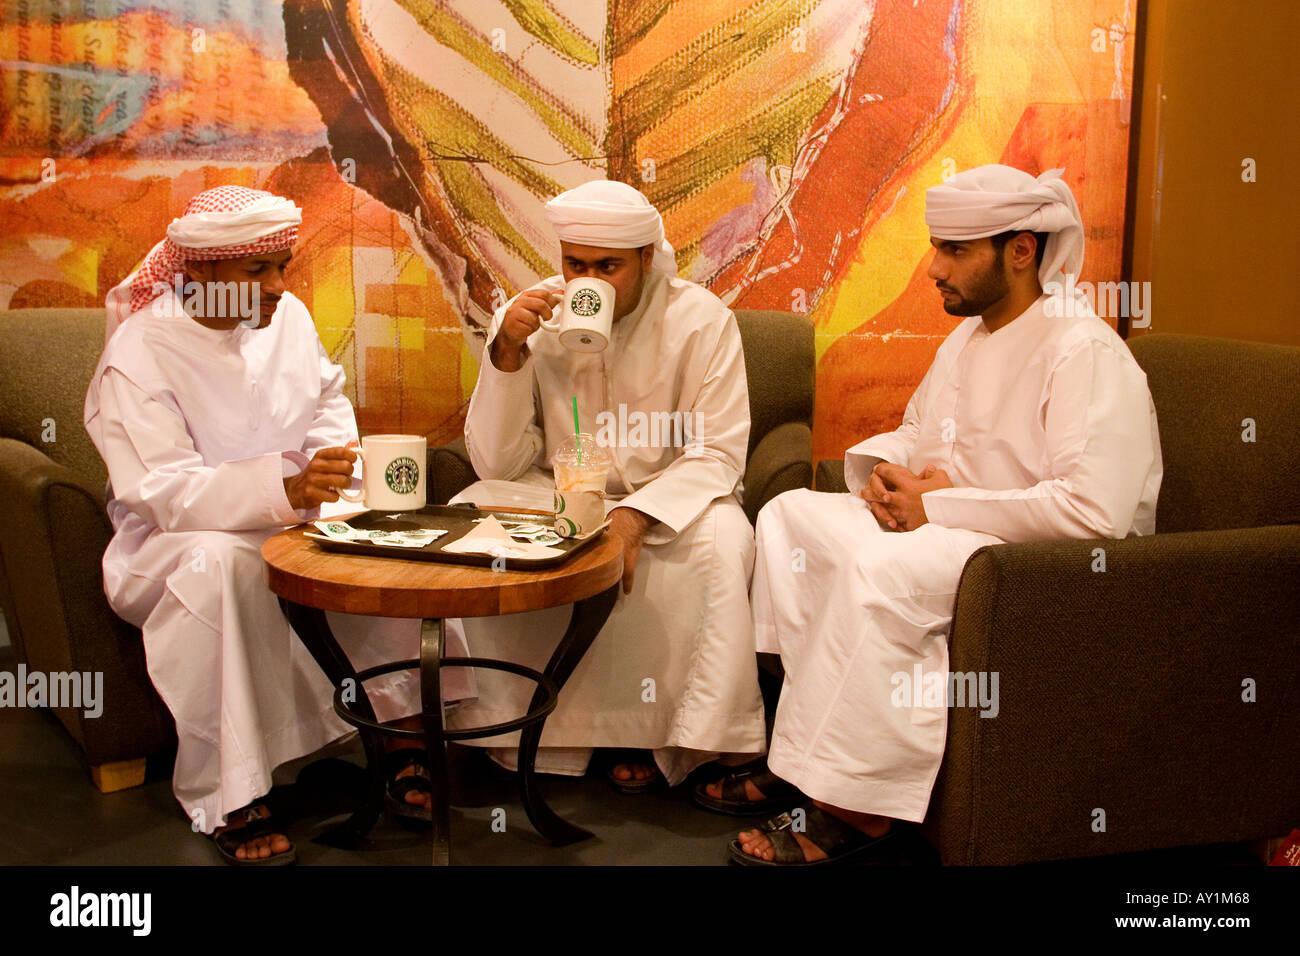 Les jeunes hommes arabes avec un costume traditionnel assis à Starbucks café au centre commercial Deira City Centre Banque D'Images